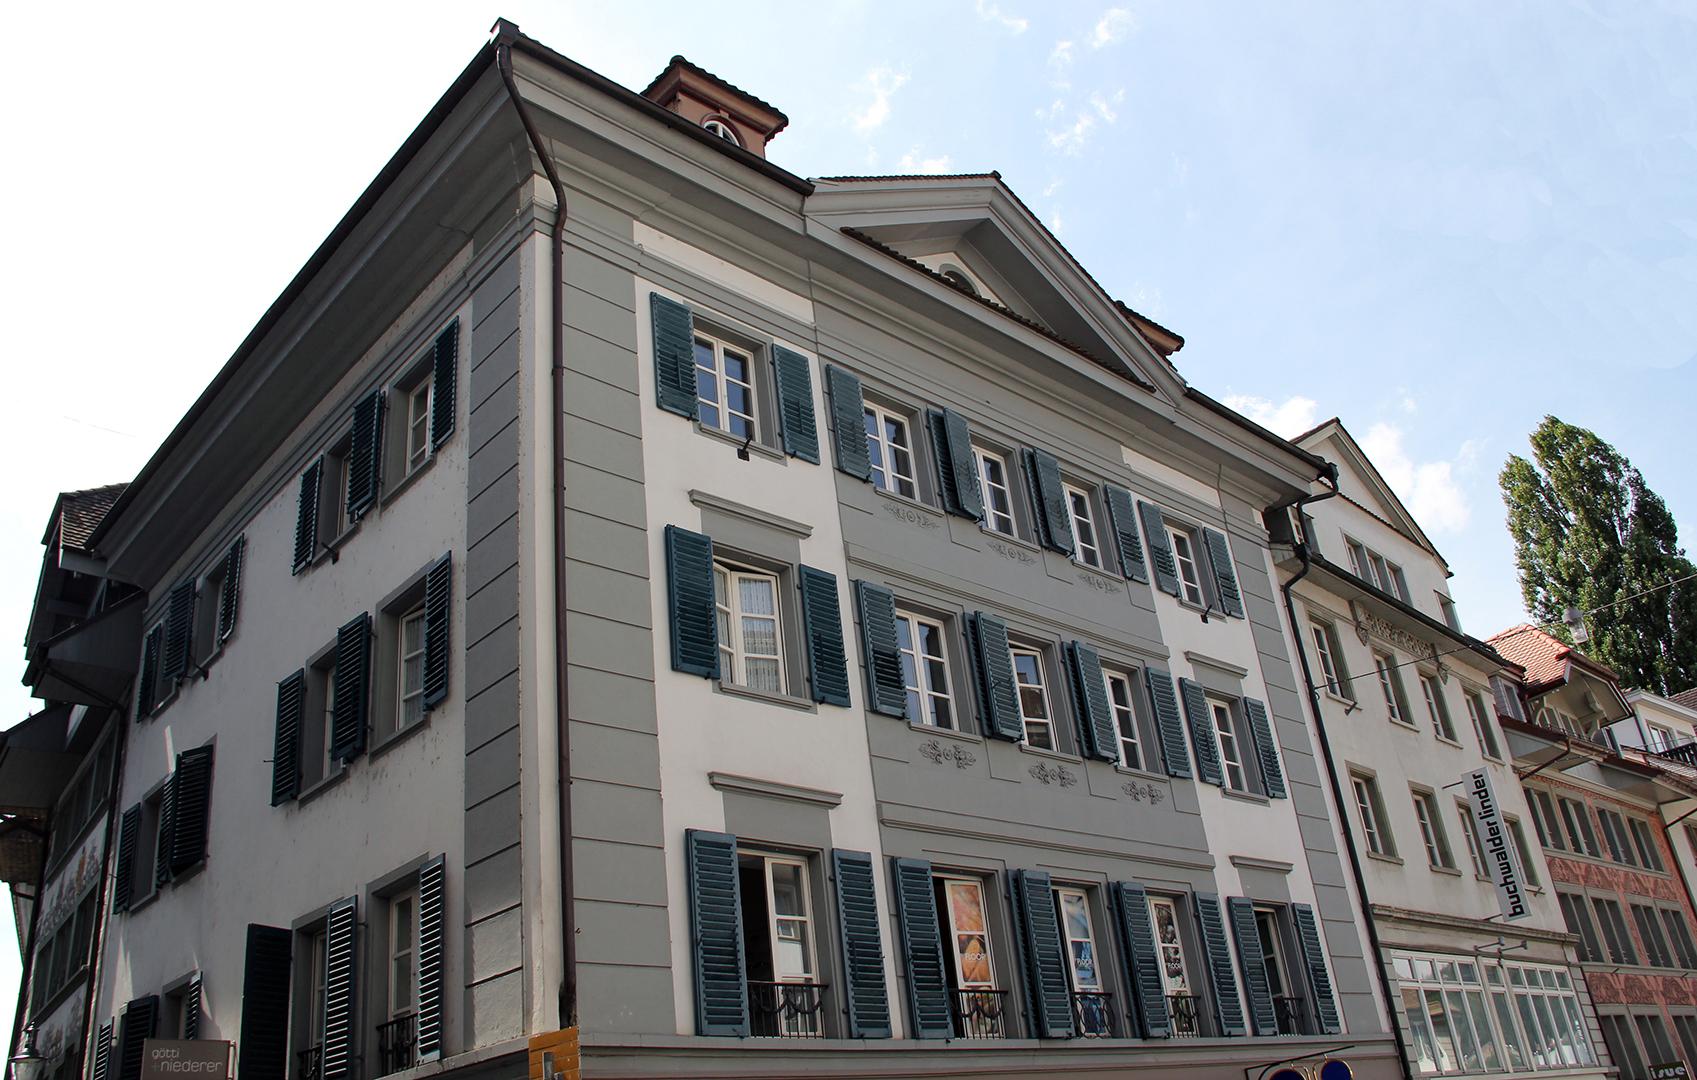 Luzern, Mühlenplatz 1, seinerzeit das Haus von Vinzenz Rüttimann (1769–1844), Idealtypus für politische Kontinuität vor und nach 1800.